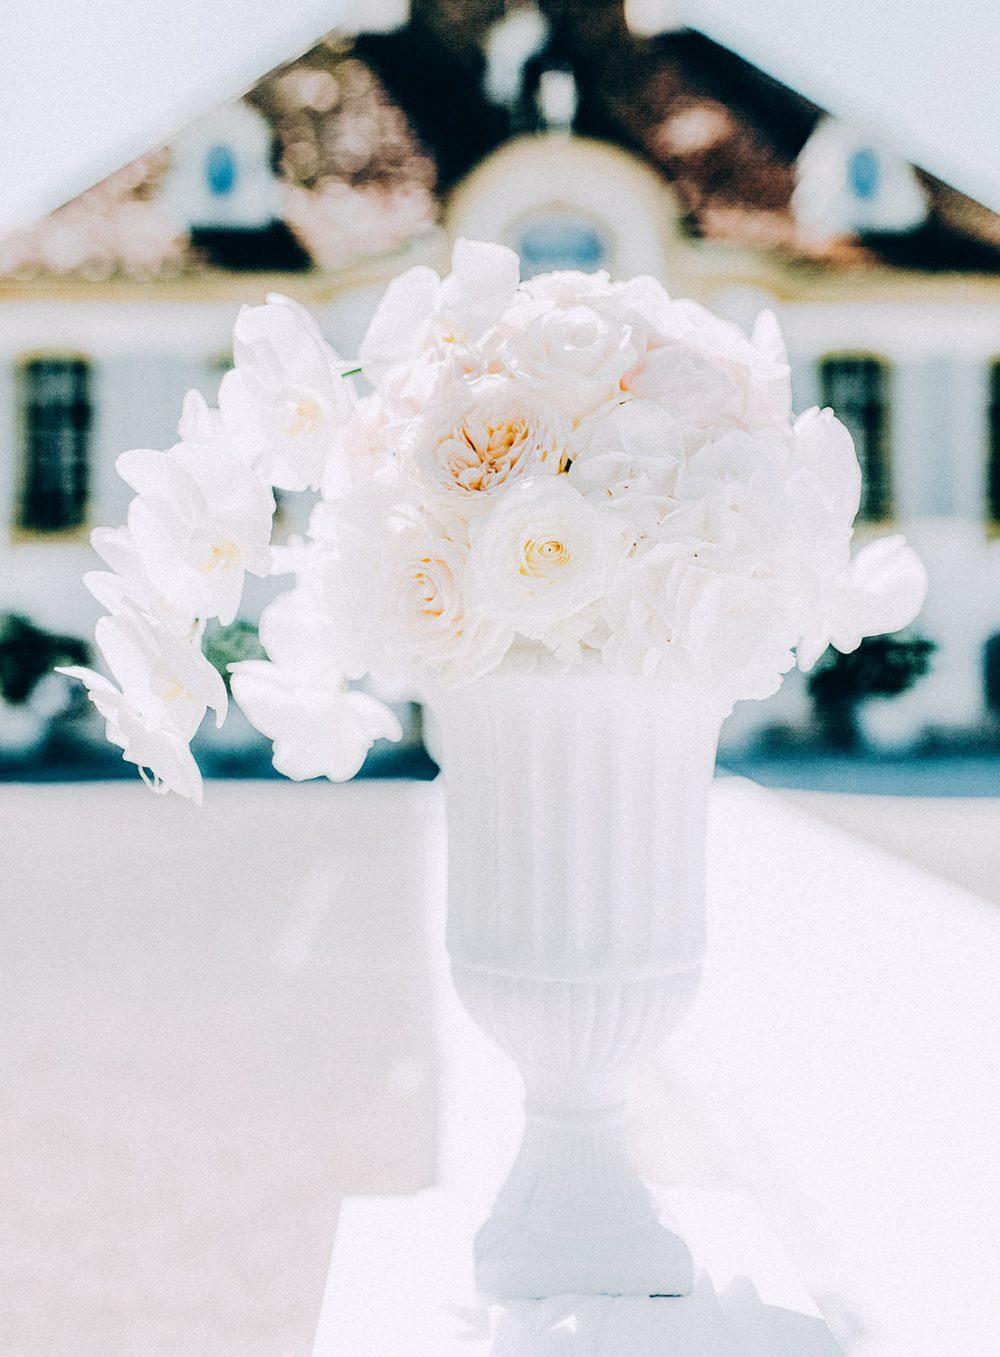 Hochzeit Schloss Gümligen Orchideen Rosen weiss freie Trauung Blumen Tabea Maria-Lisa Schlosshochzeit Luxus Hochzeit Luxury Wedding Floral Designs Decor white heiraten Brautstrauss